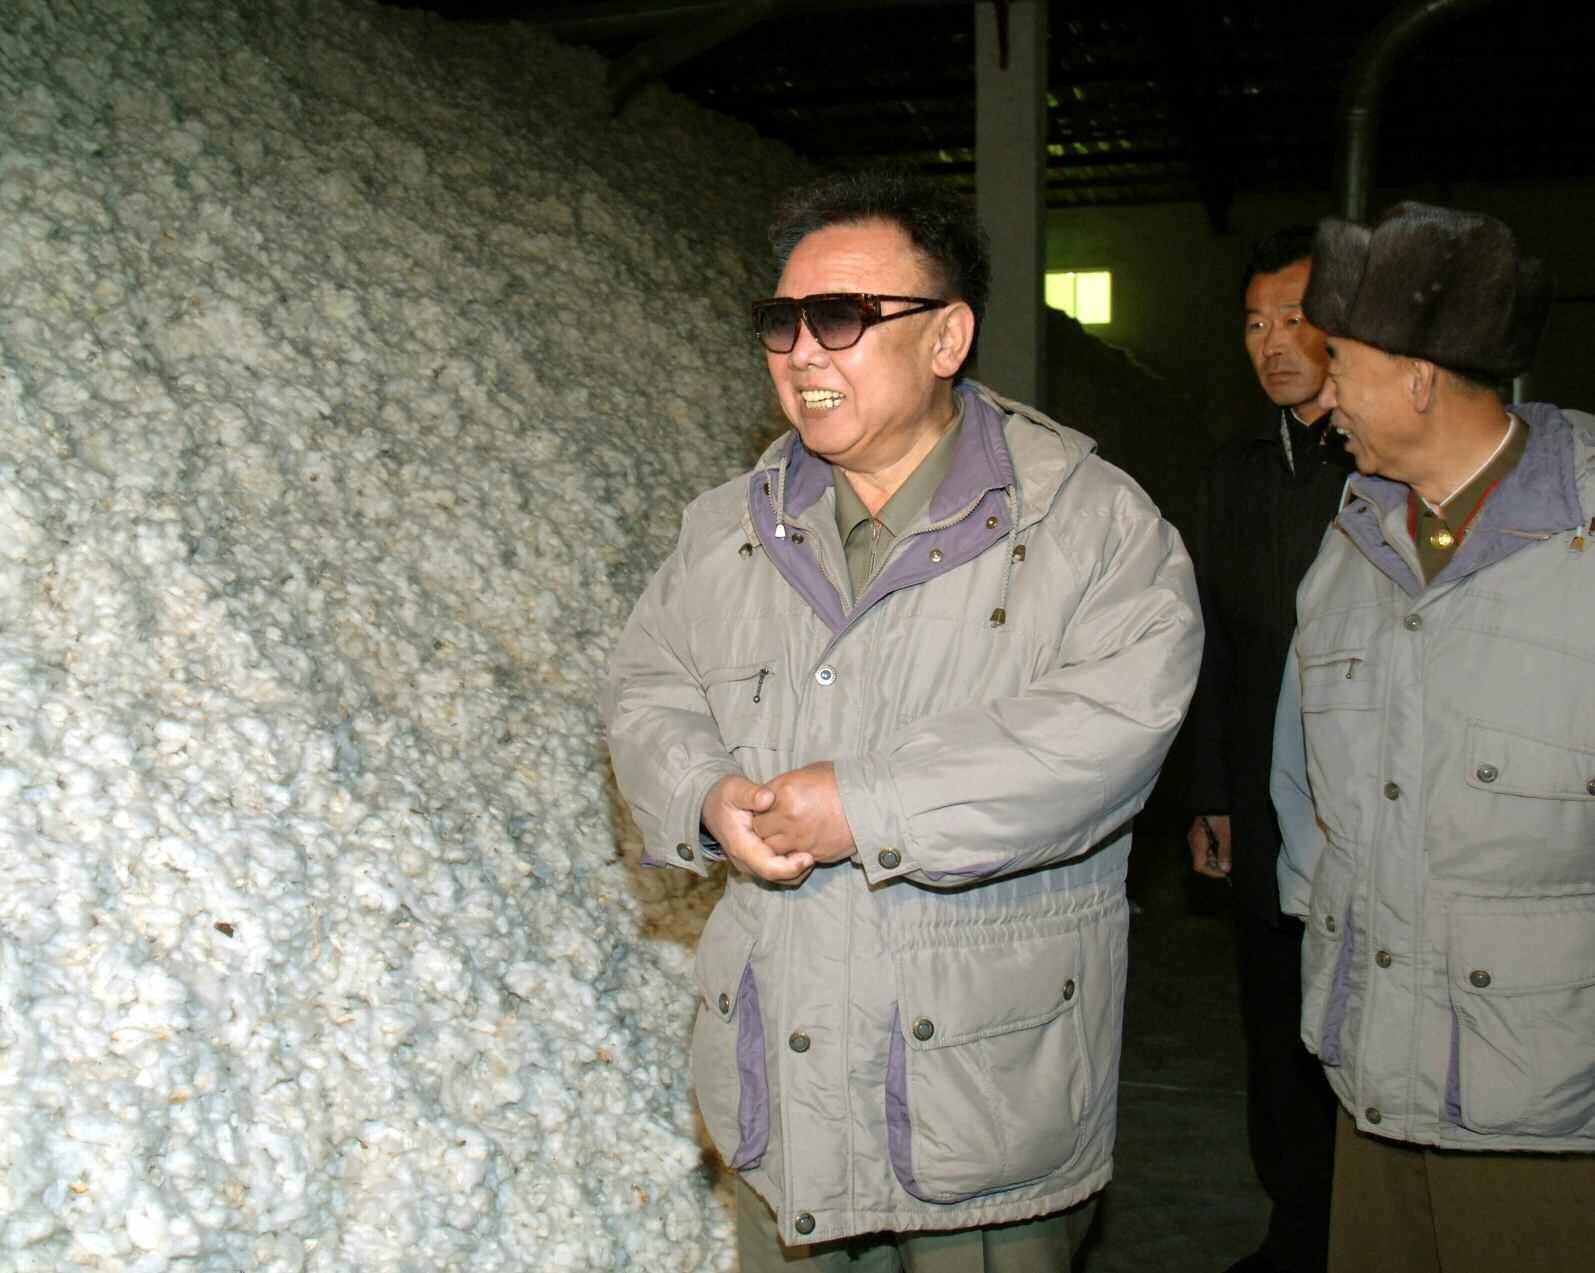 2. Великий Руководитель товарищ Ким Чен Ир инспектирует хлопковую ферму 1596-й войсковой части Корейской Народной Армии, декабрь 2007 года